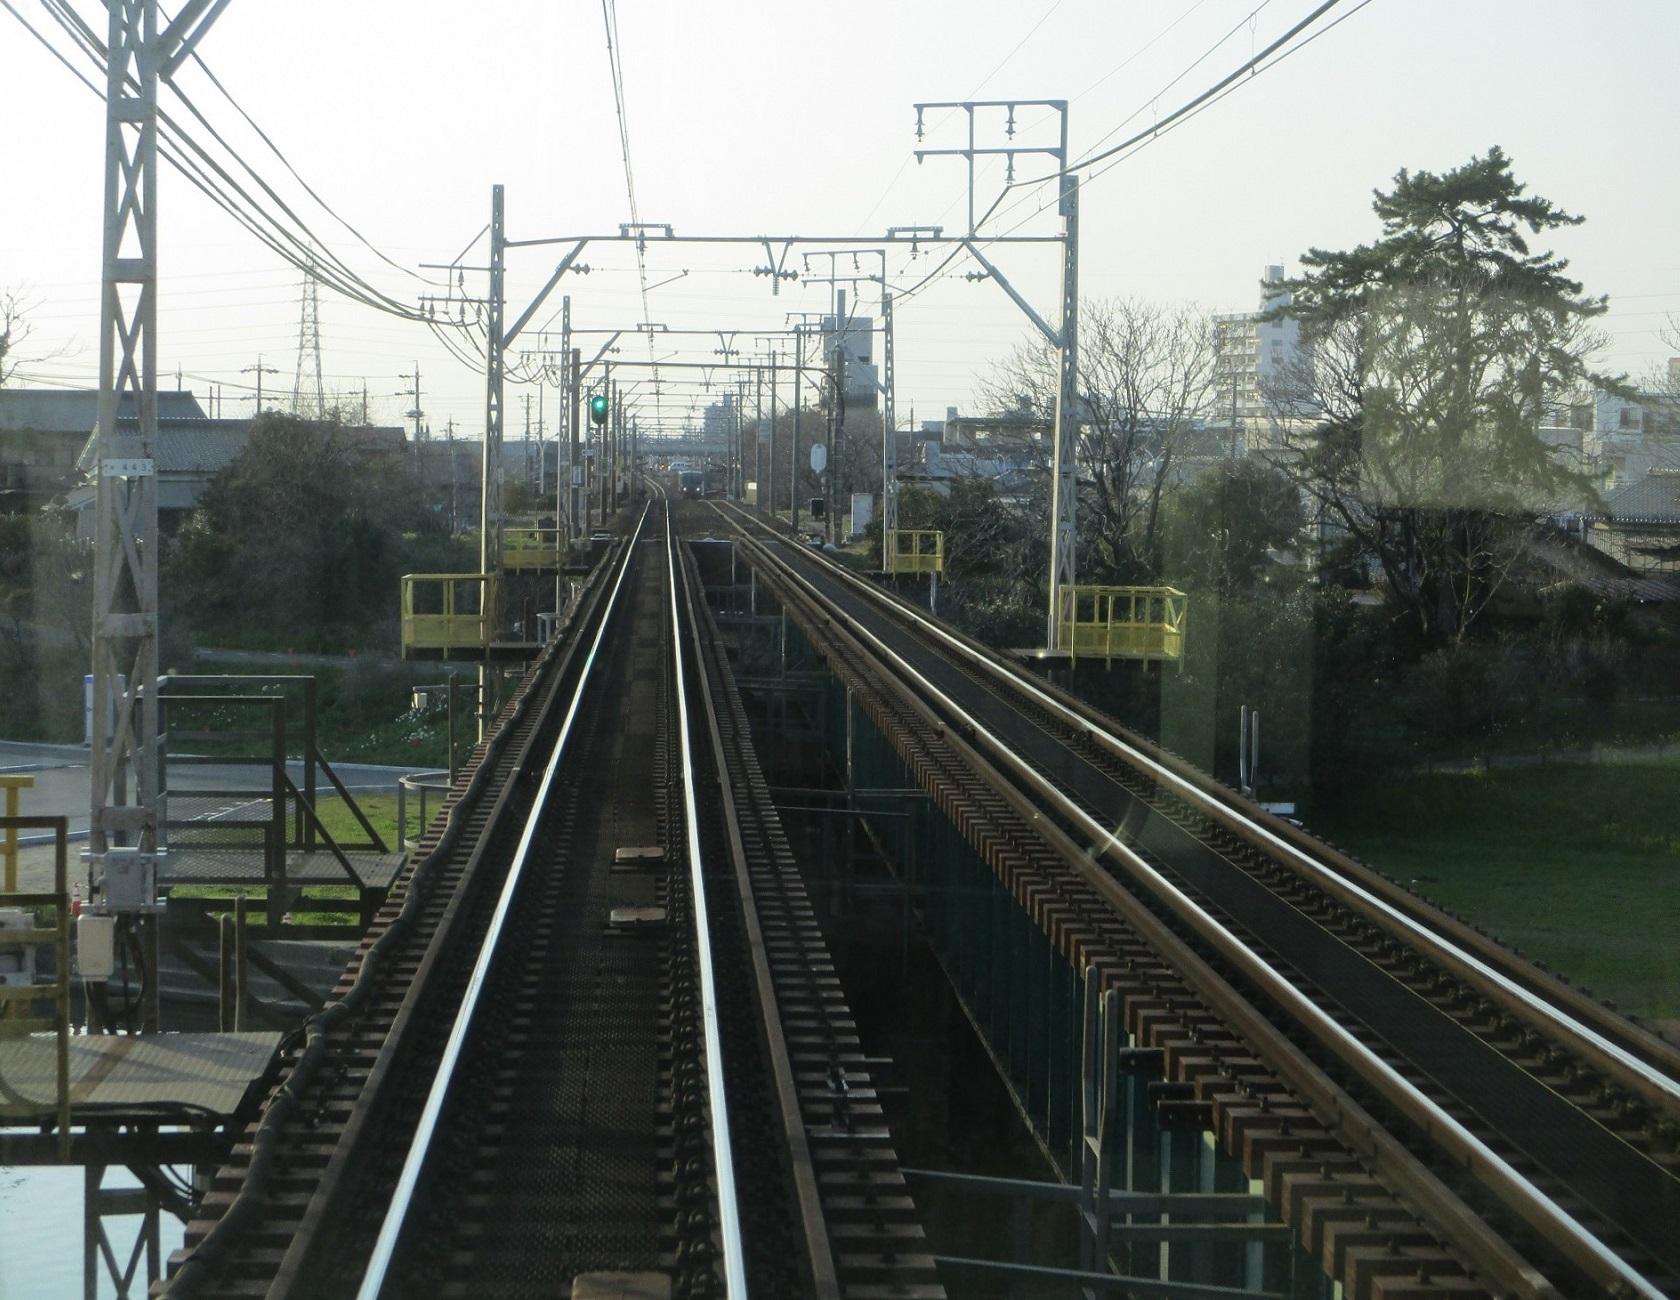 2020.3.17 (35) 犬山いきふつう - 菅生川をわたる 1680-1300